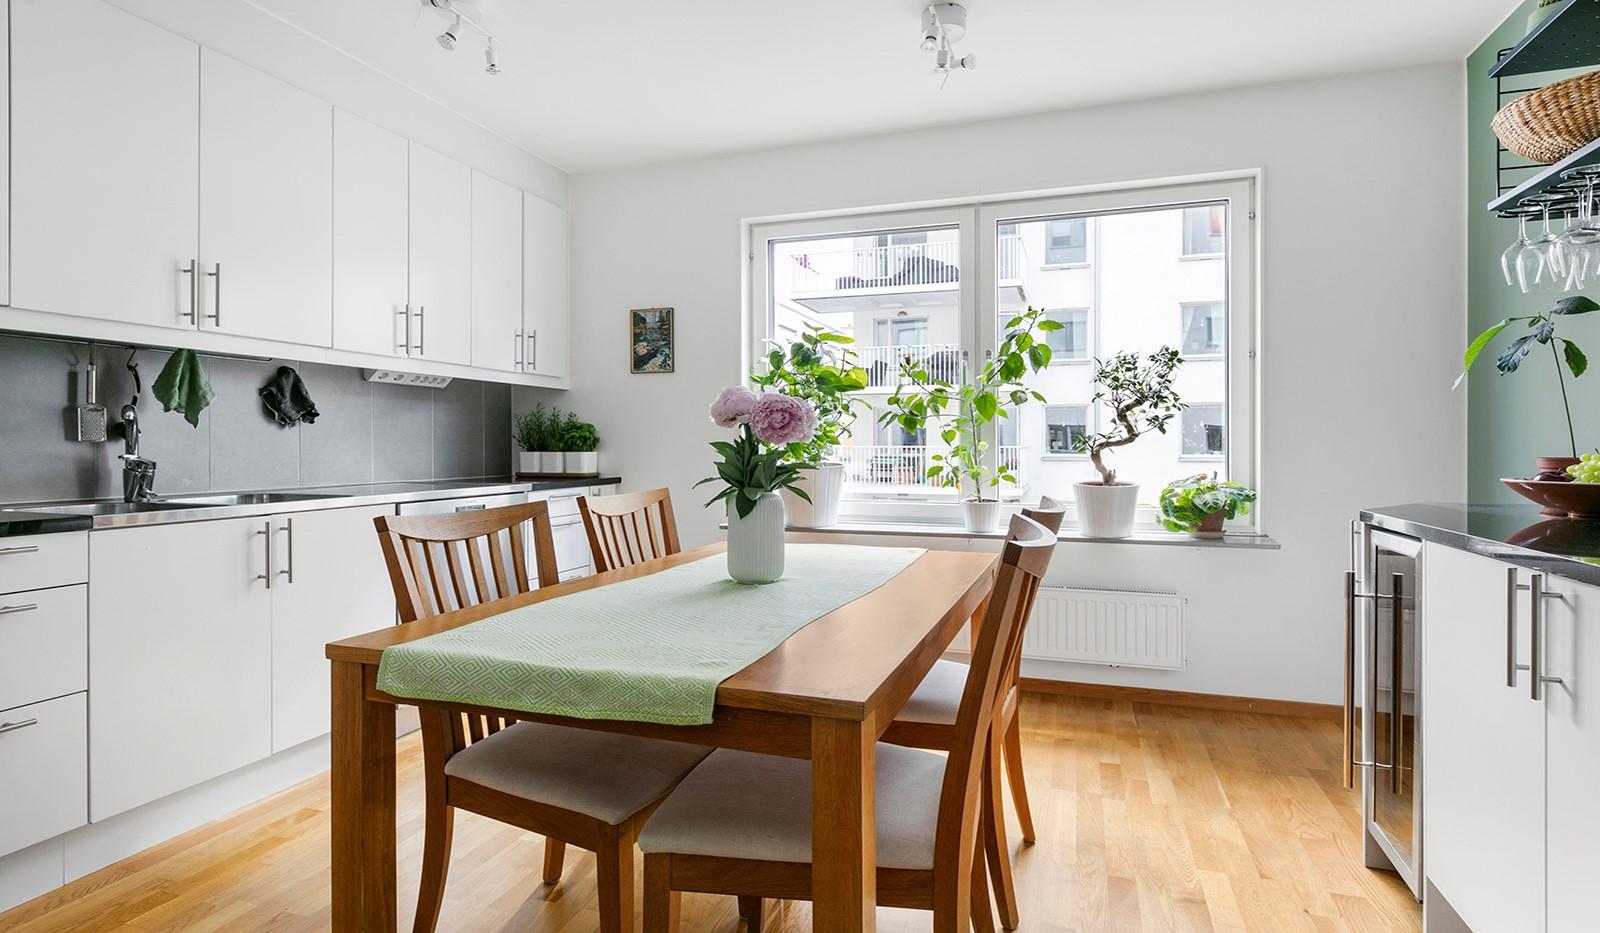 Marieviksgatan 44, 2 tr - I köket ryms en ordentlig matplats